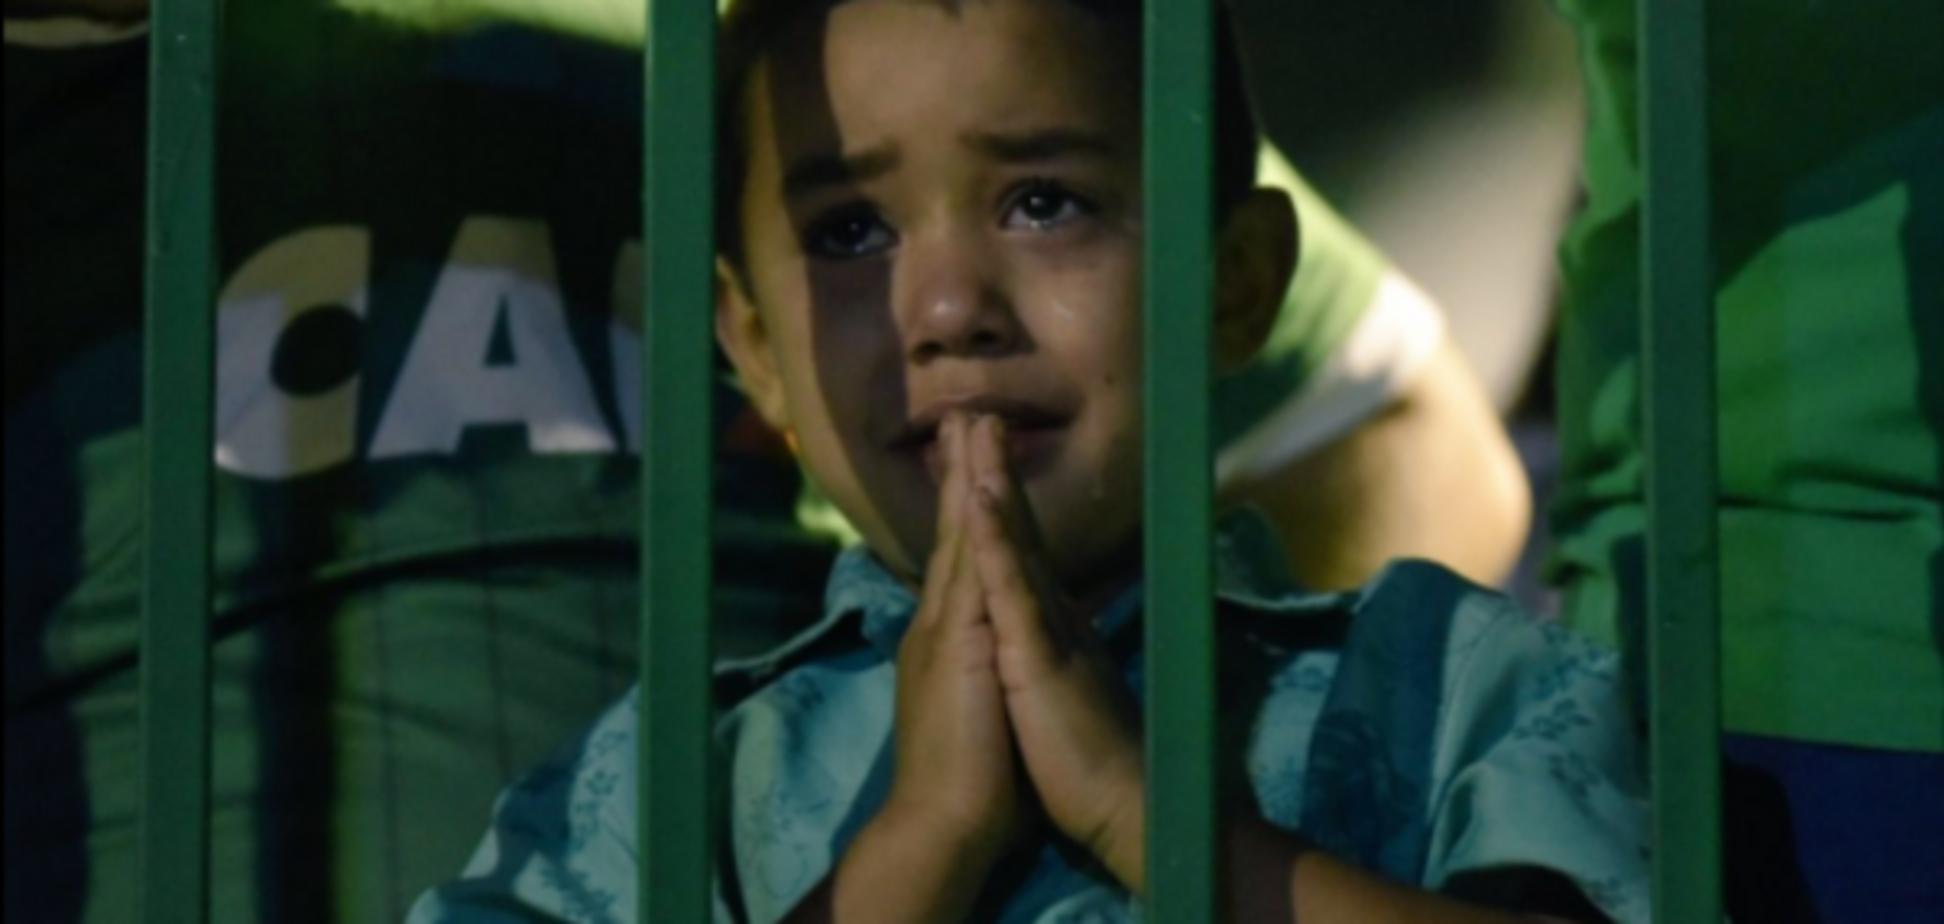 В Бразилии трогательно попрощались с погибшей в авиакатастрофе командой 'Шапекоэнсе': опубликованы фото и видео